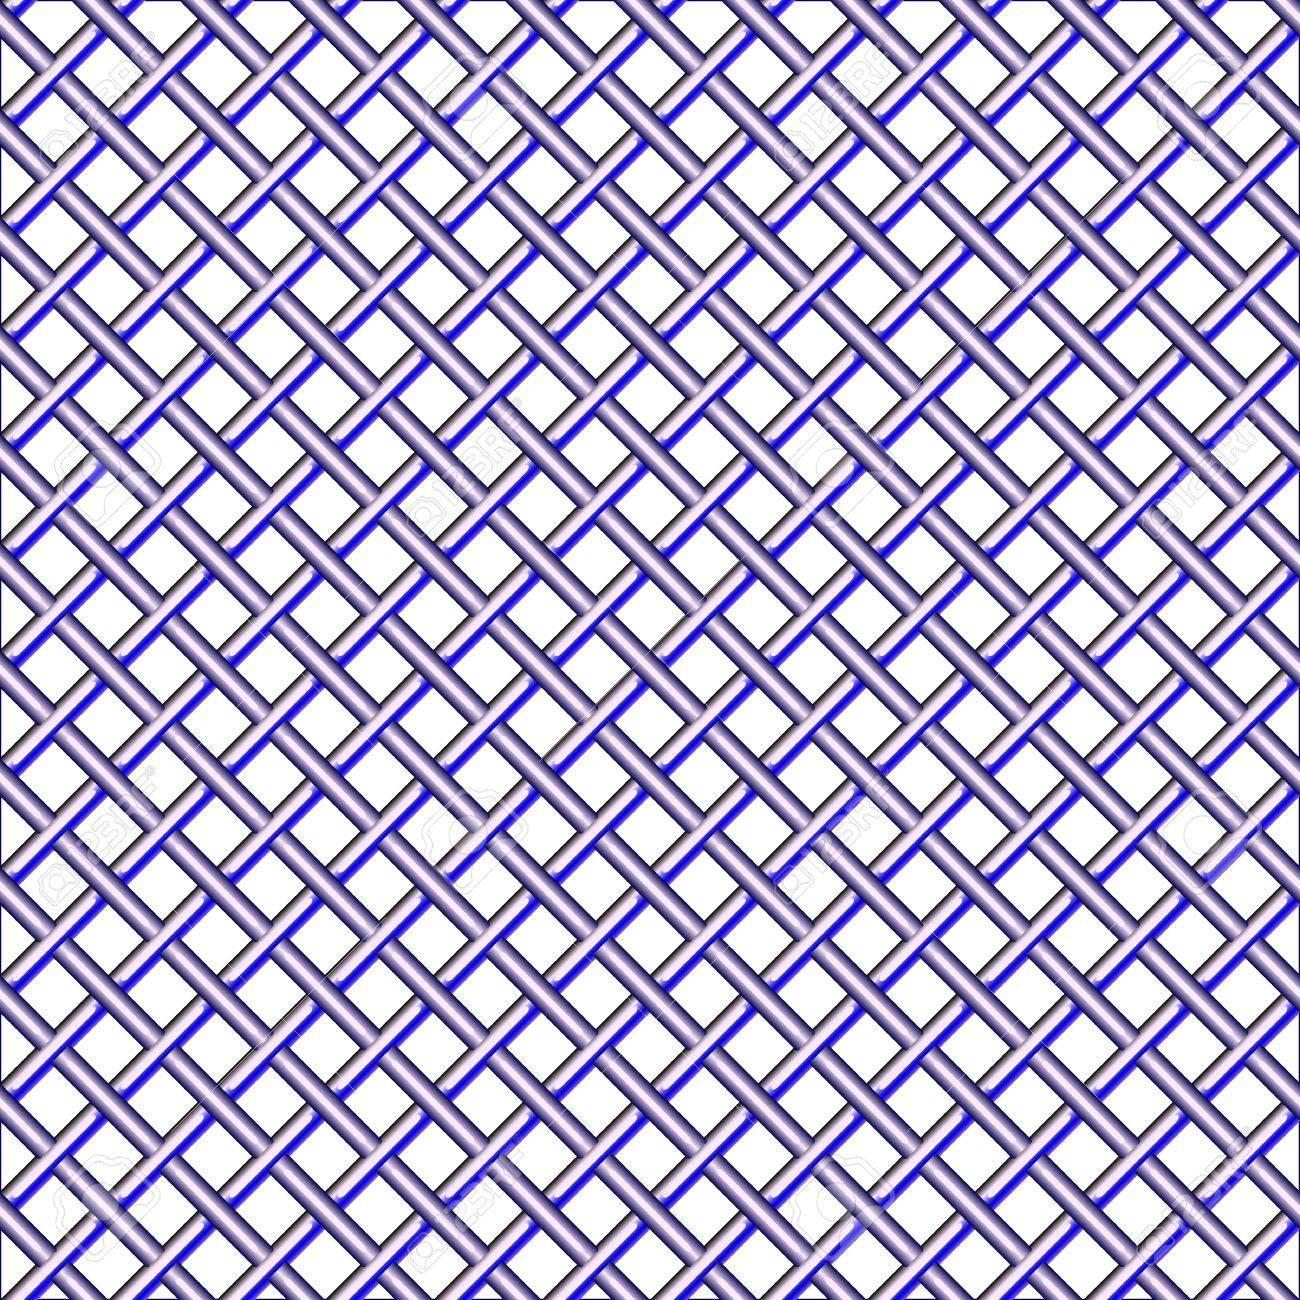 steel seamless mesh pattern, abstract texture; vector art illustration Stock Illustration - 9626360